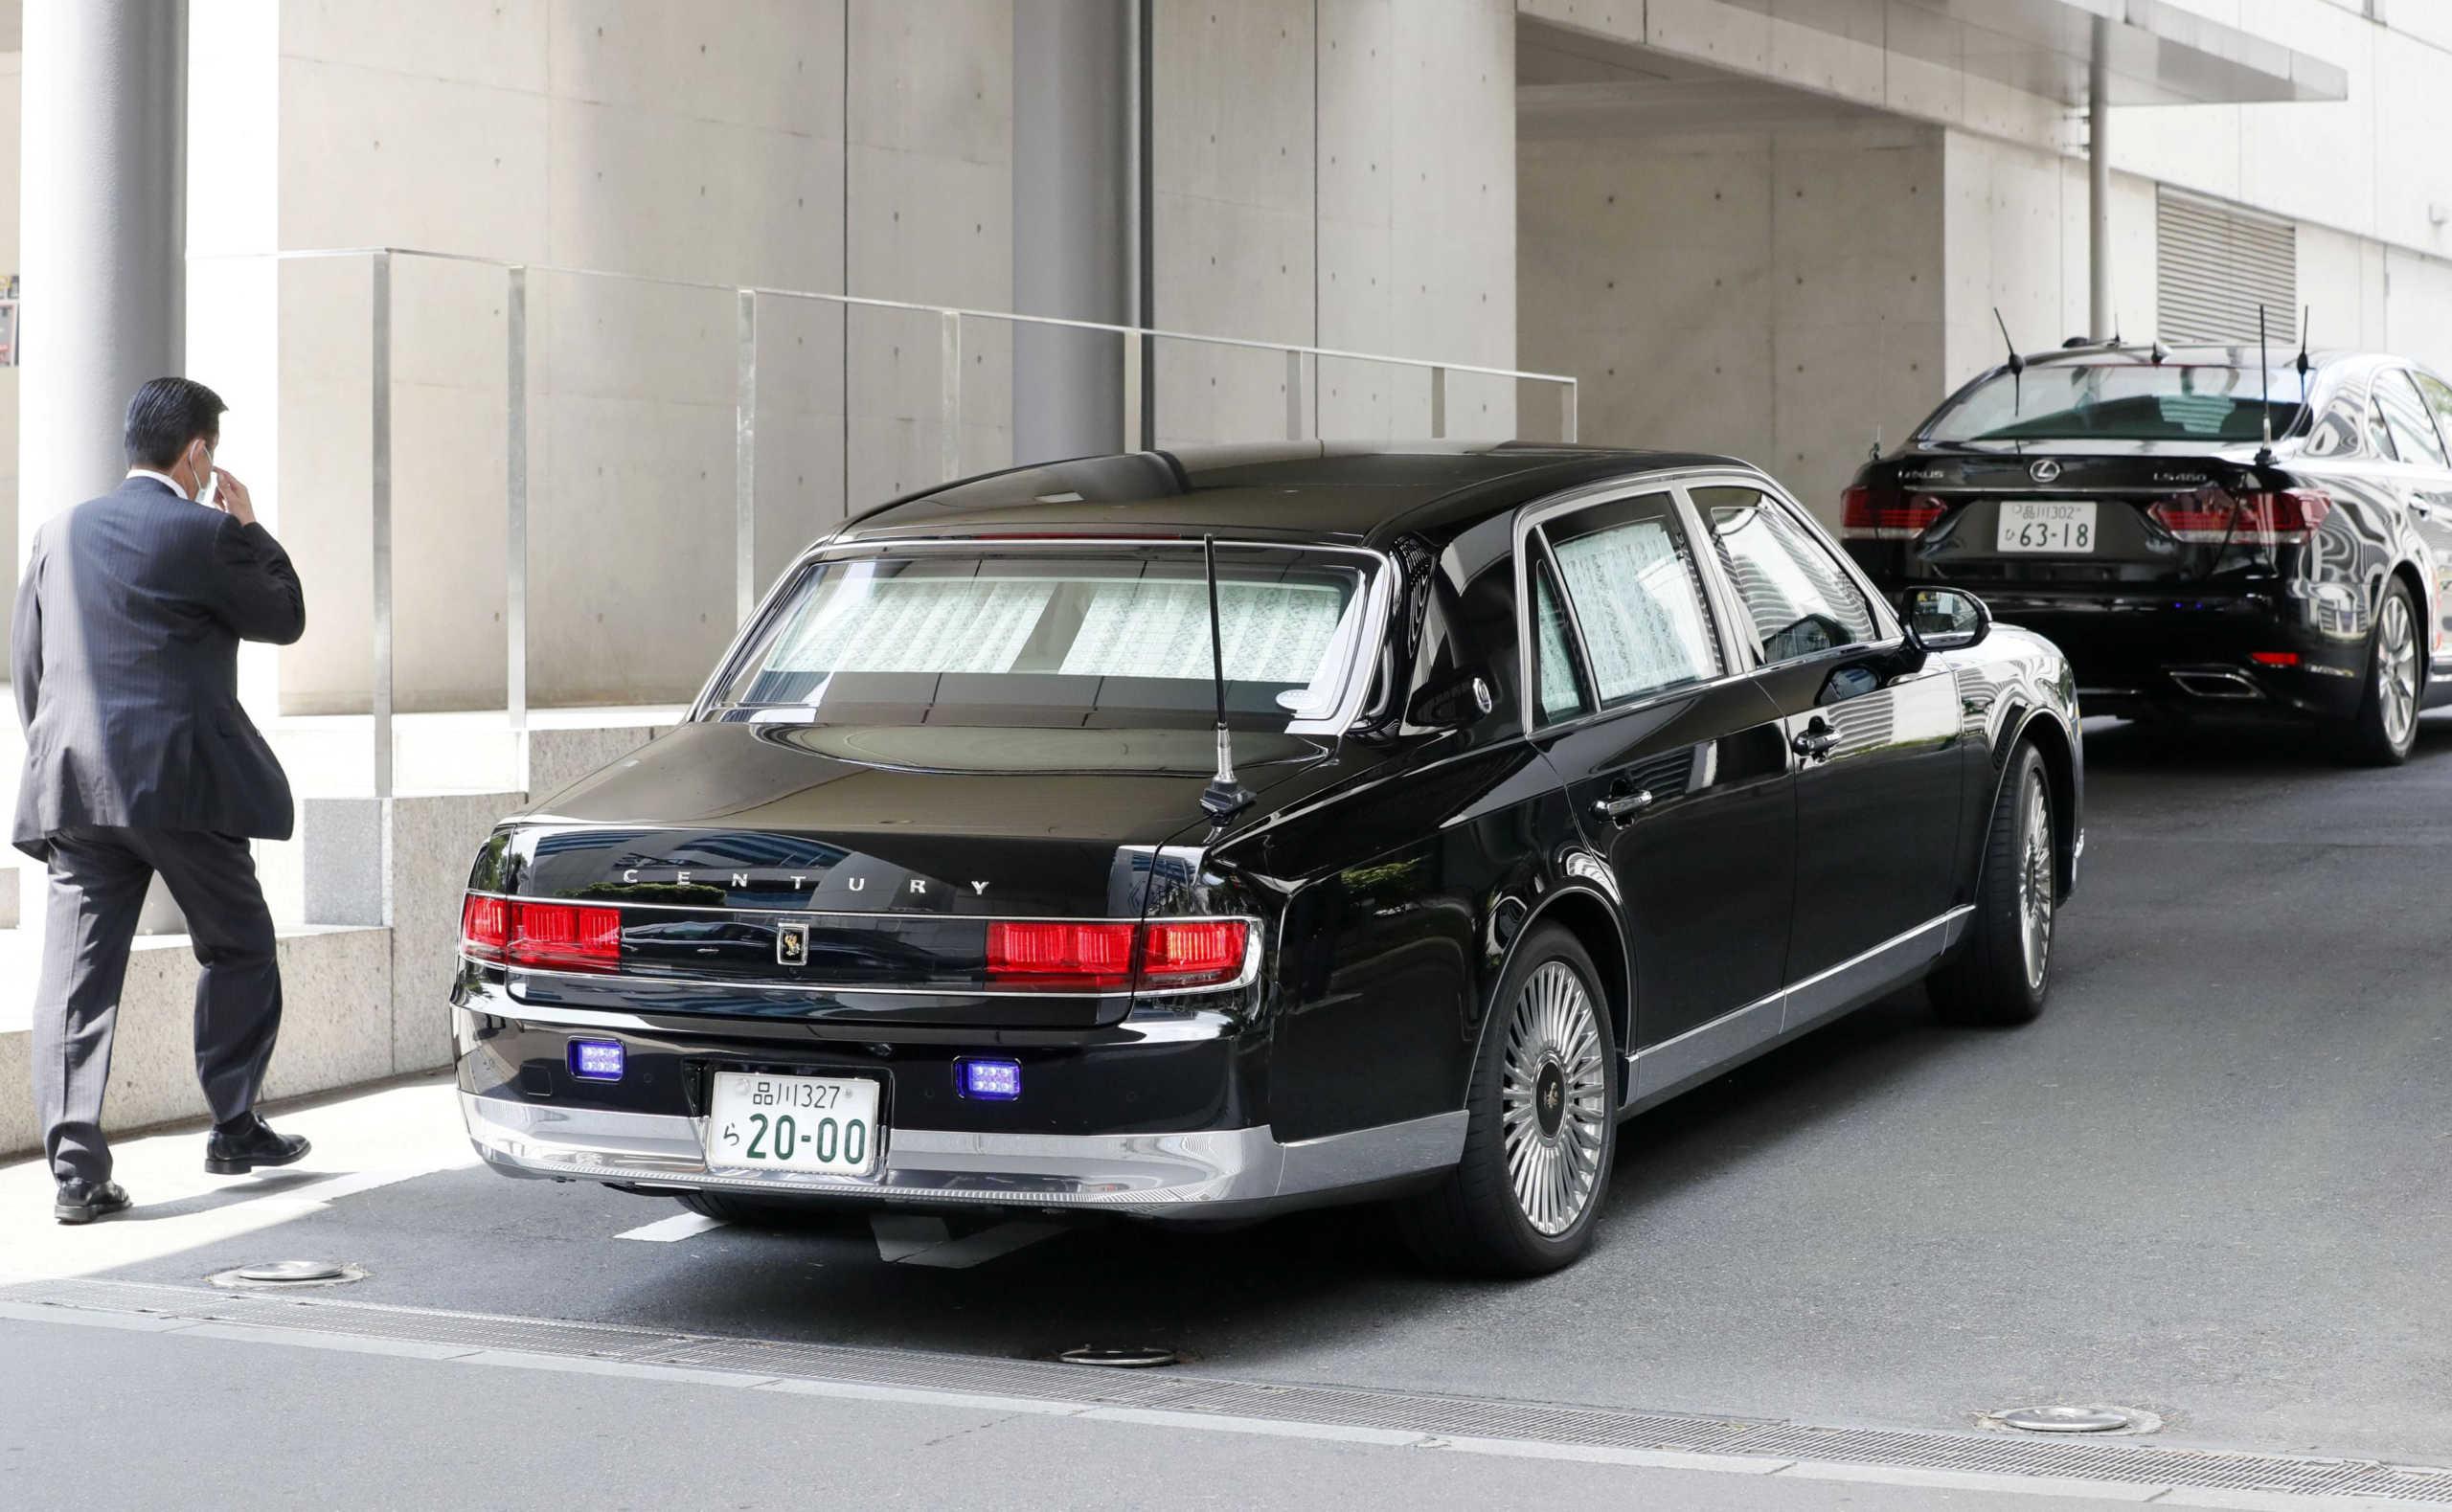 Ιαπωνία: Ανησυχία για τον πρωθυπουργό που μπήκε στο νοσοκομείο